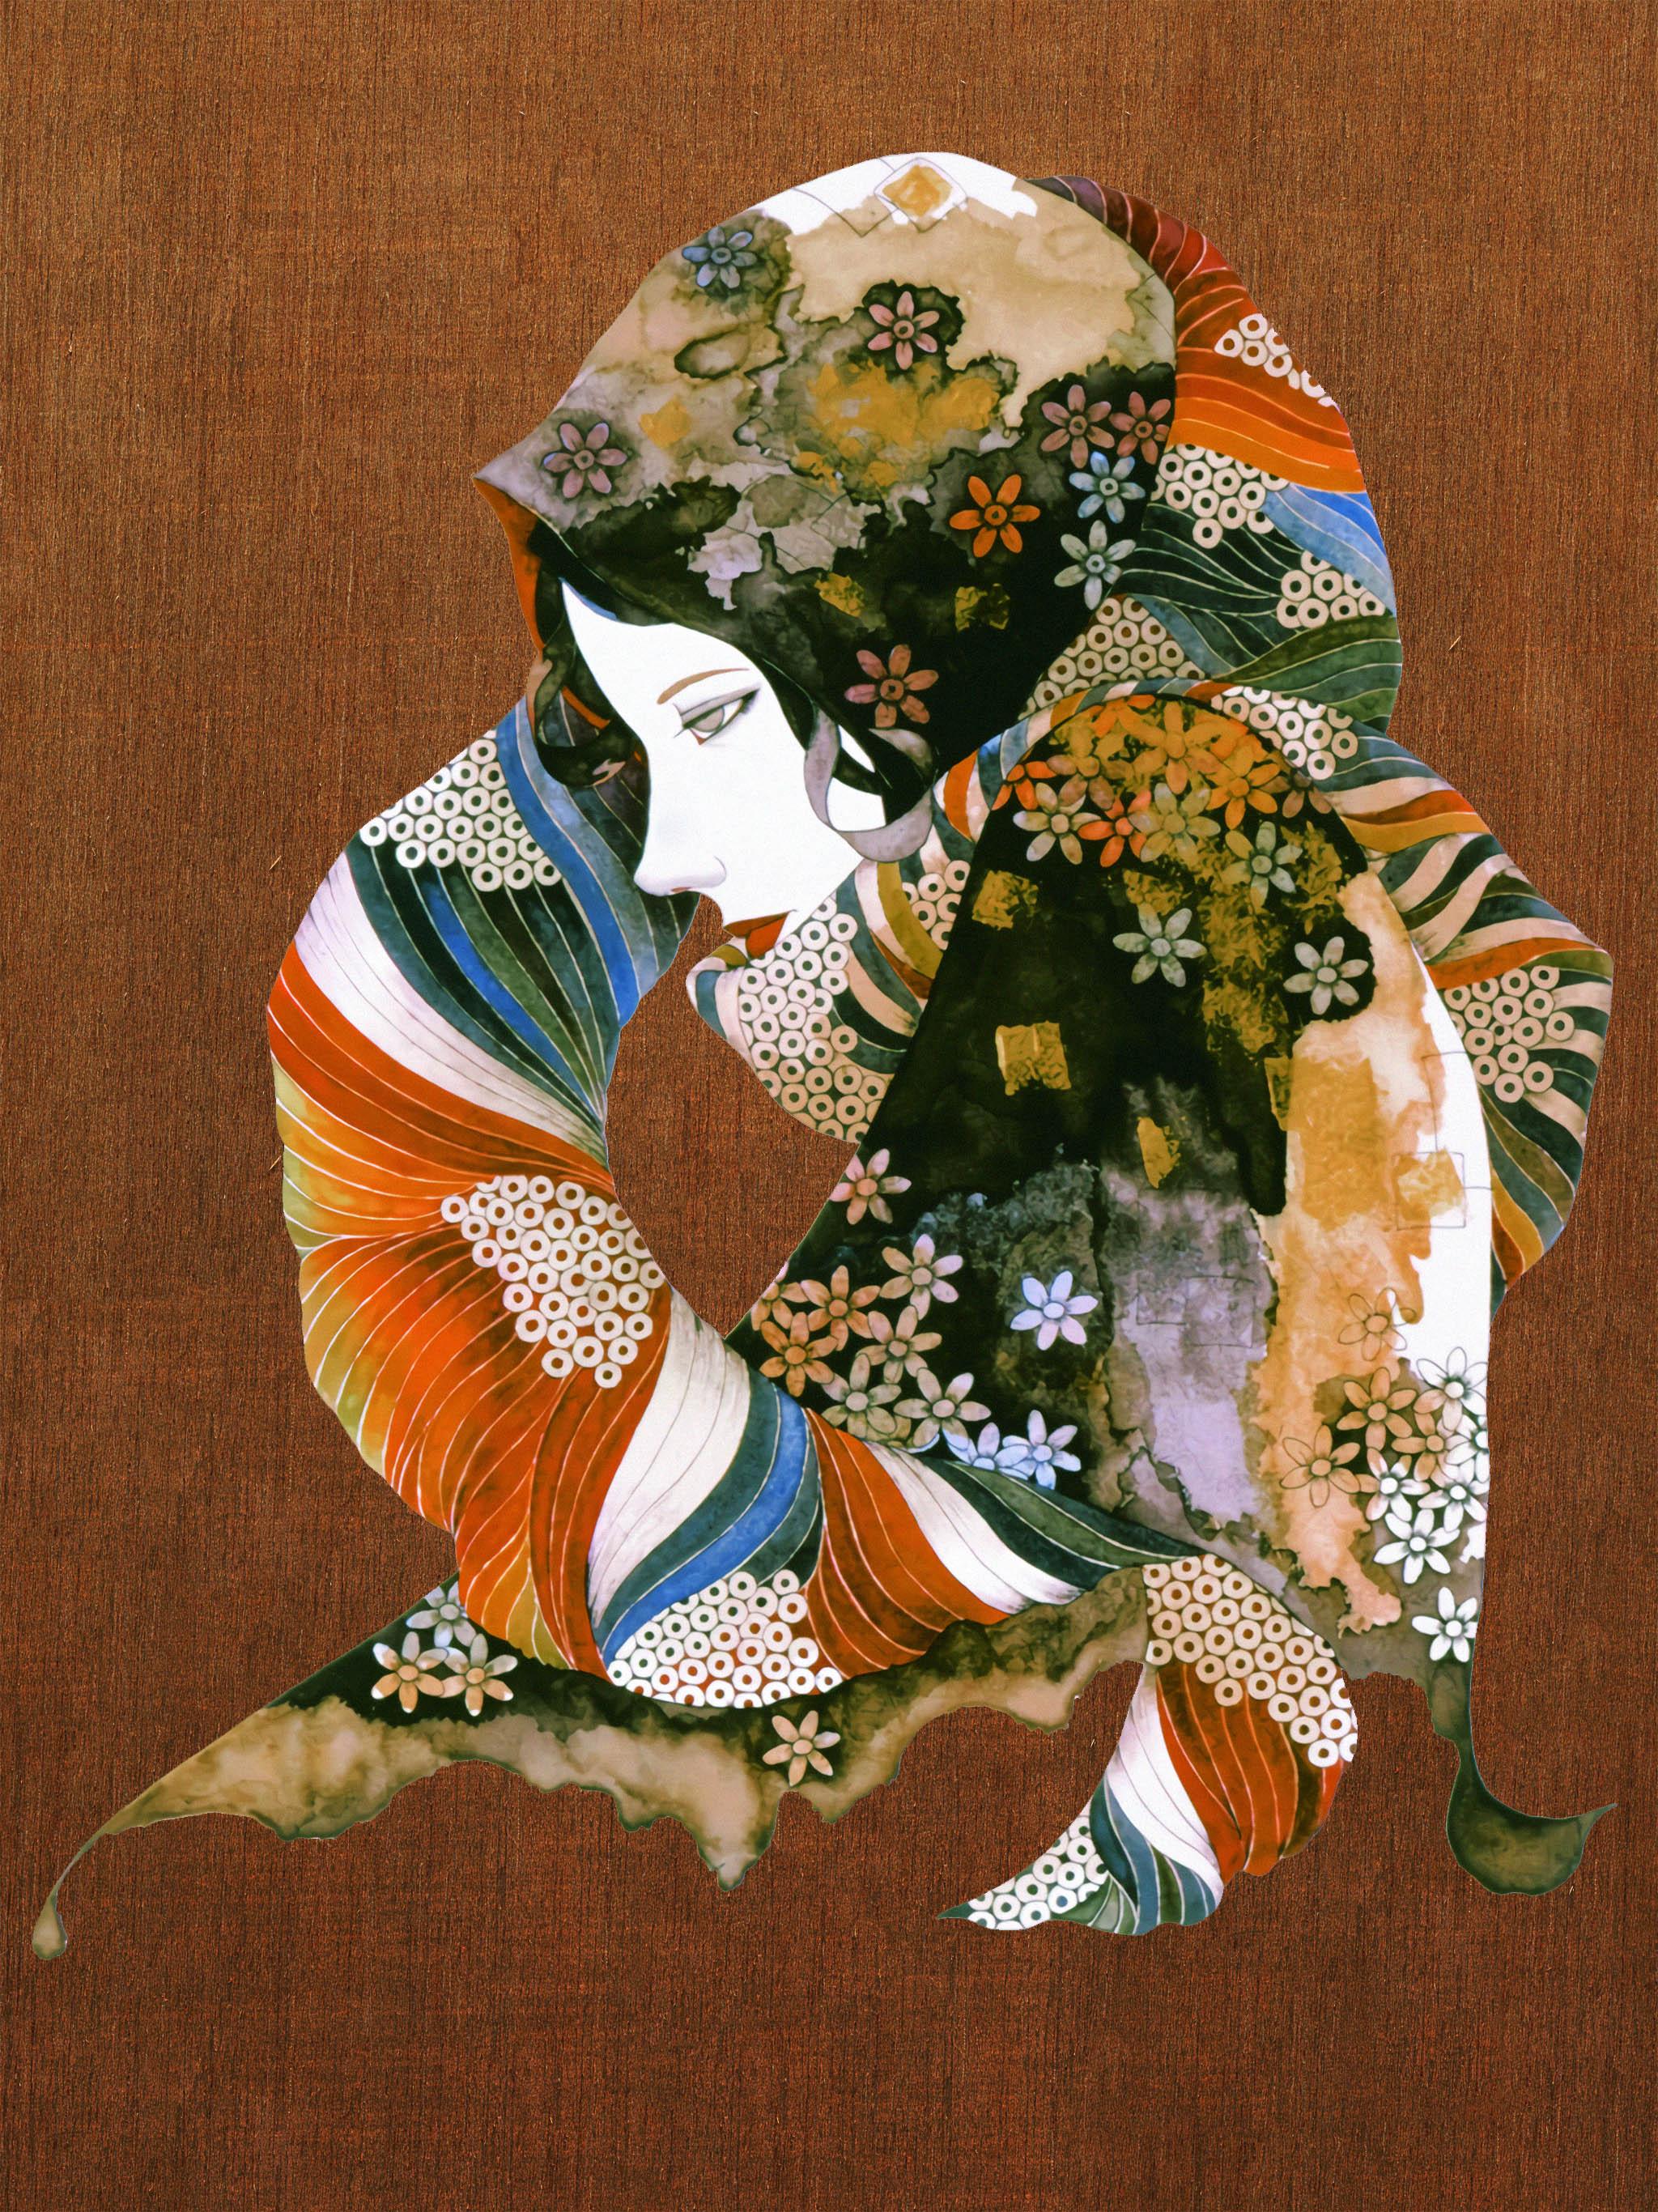 Yonekura Masakane Hana no scarf wo sita onna 2048x2732